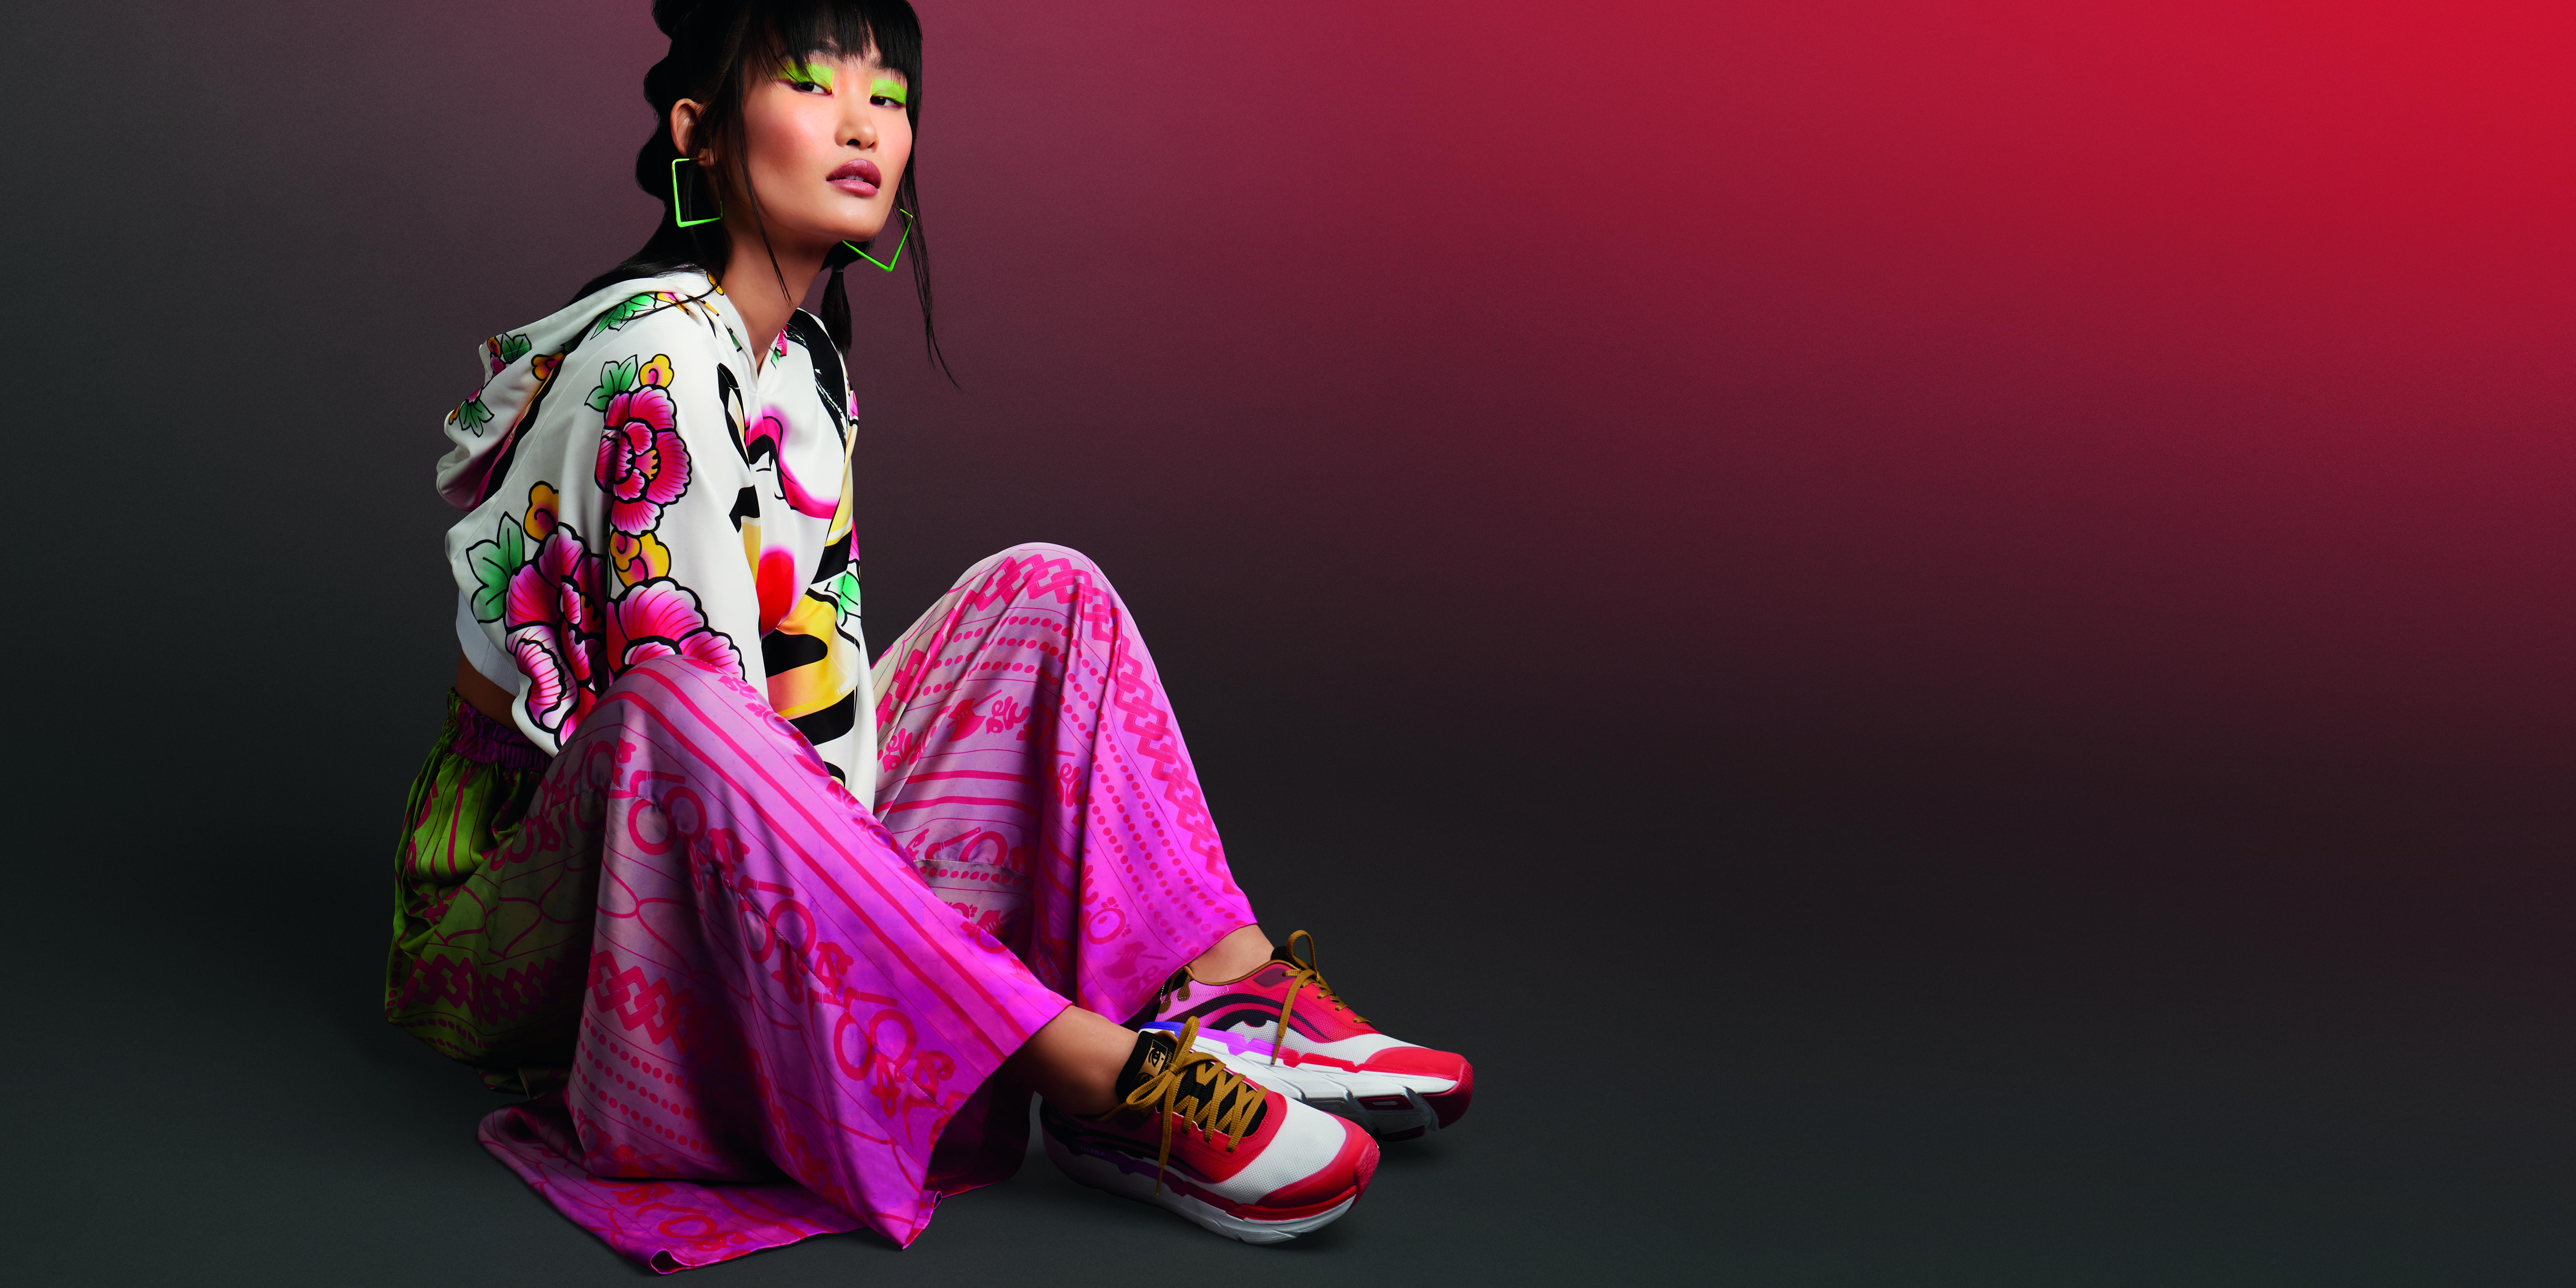 Buty  Limitowana edycja Skechers x kansaïyamamoto